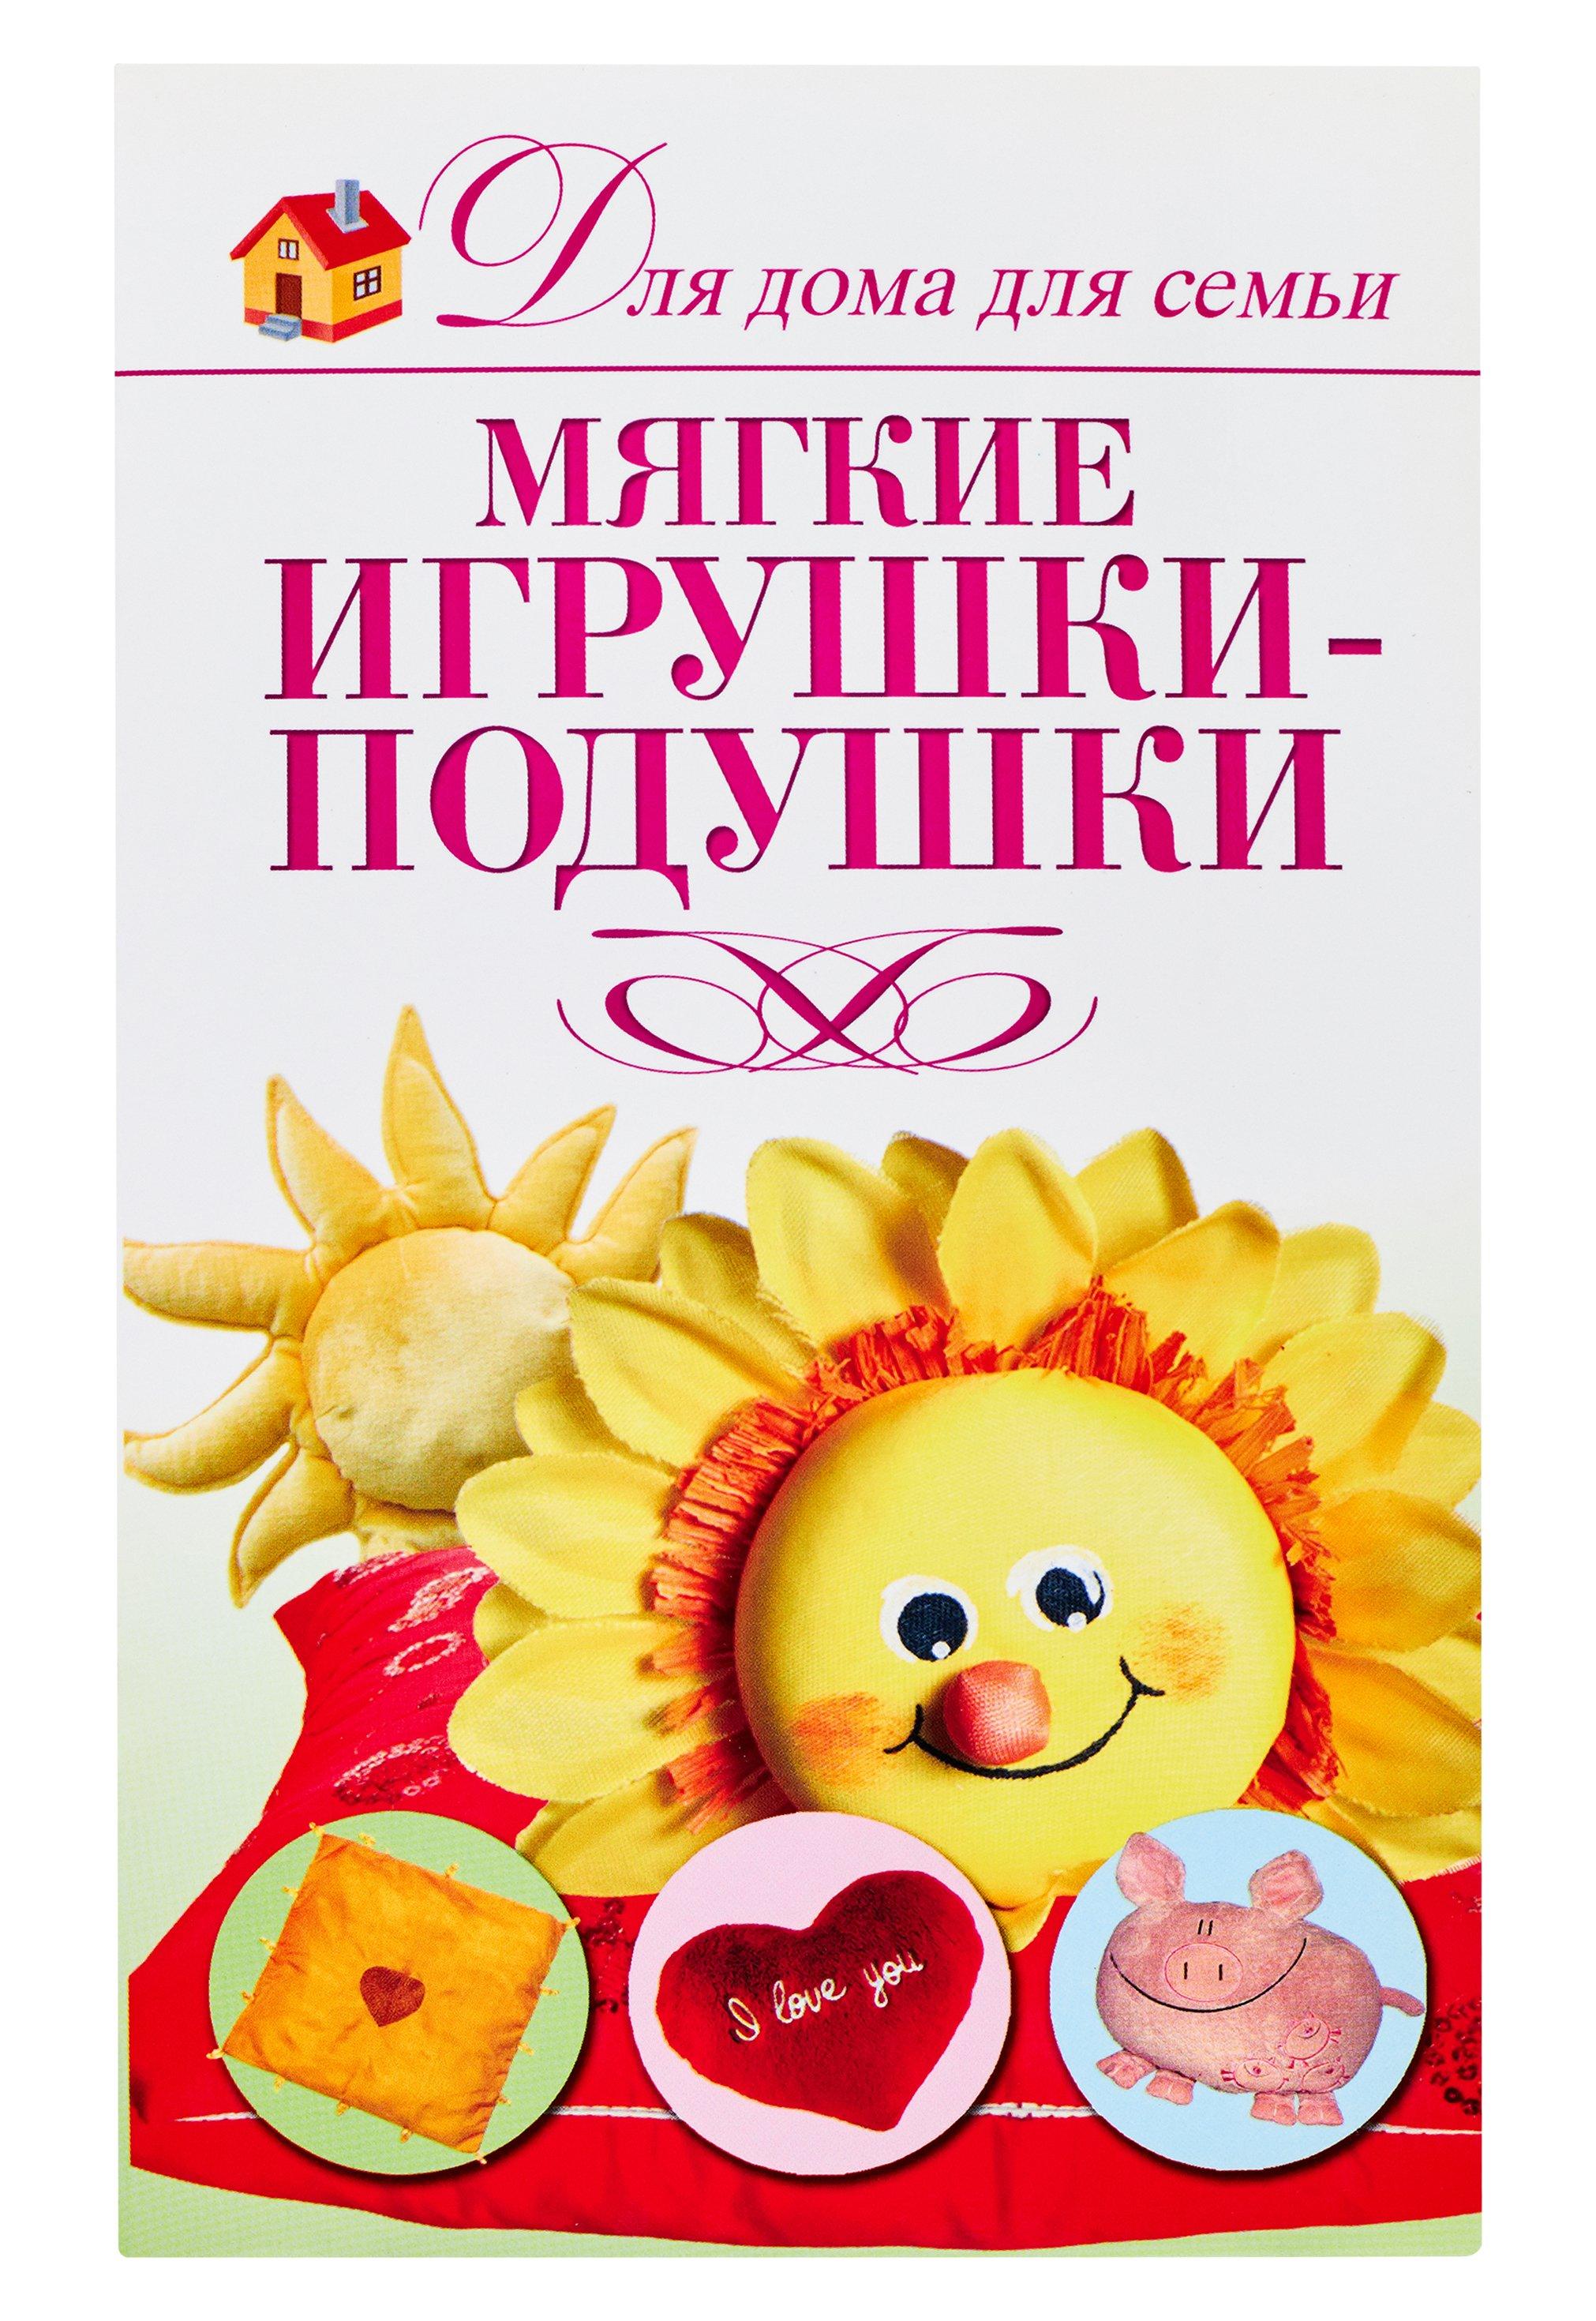 Шепелева А. А. Мягкие игрушки-подушки